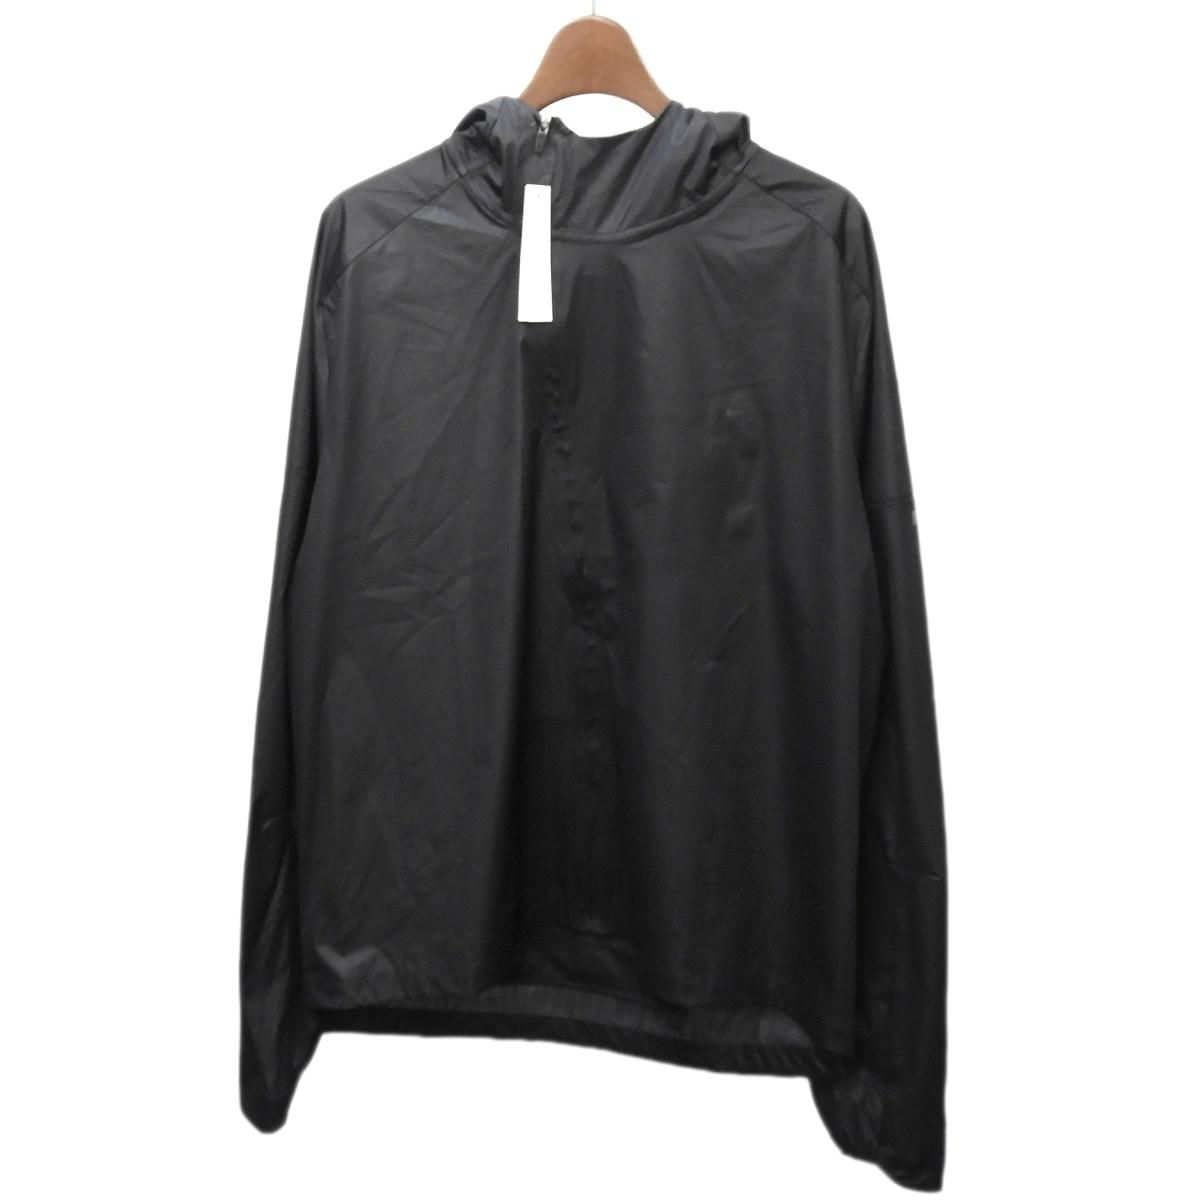 【中古】NIKE 2020SS テックバック3レイヤージャケット ブラック サイズ:L 【130420】(ナイキ)